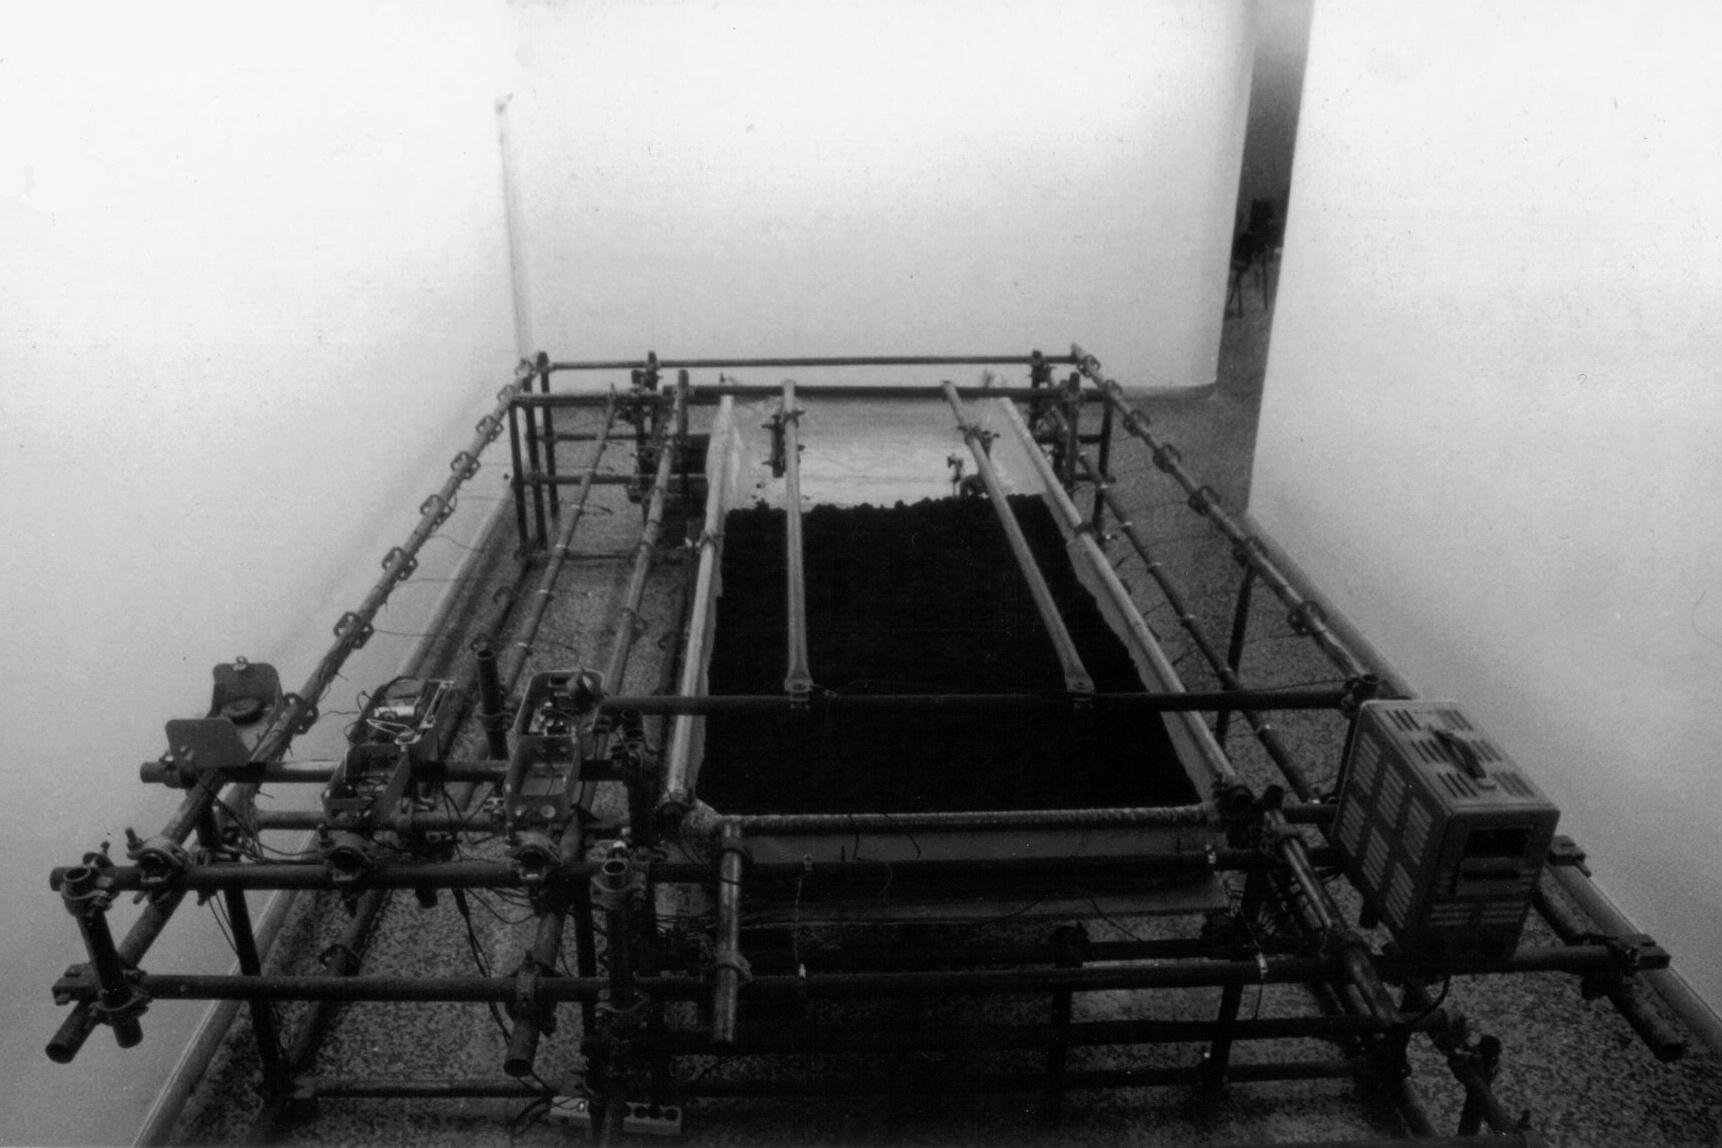 MICRO X, T3. 0,67 m3, Galeria Habana, La Habana, CU, 1